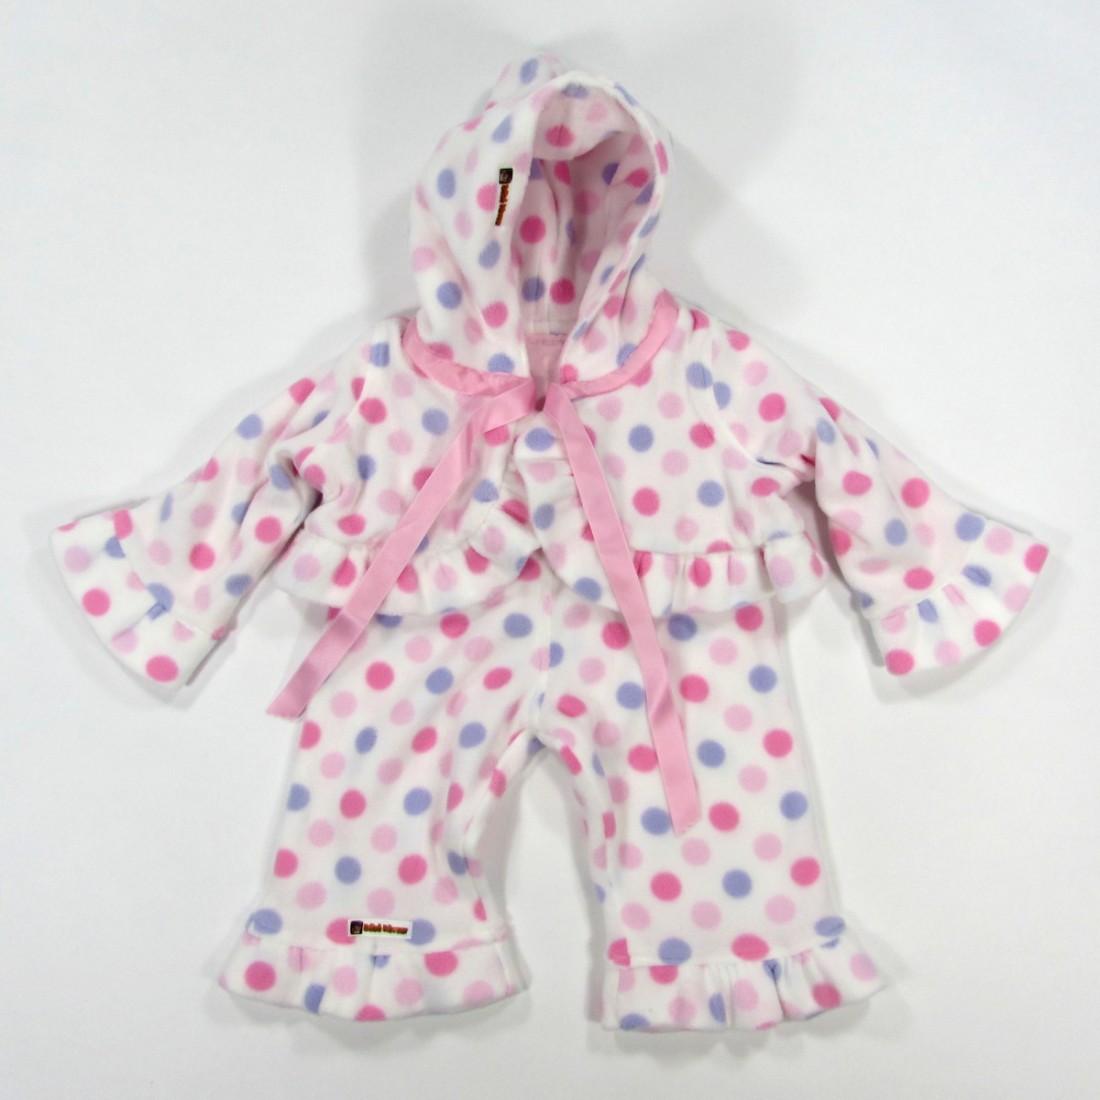 paletot pantalon bebe fille de 3 mois polaire blanc et pastilles rose